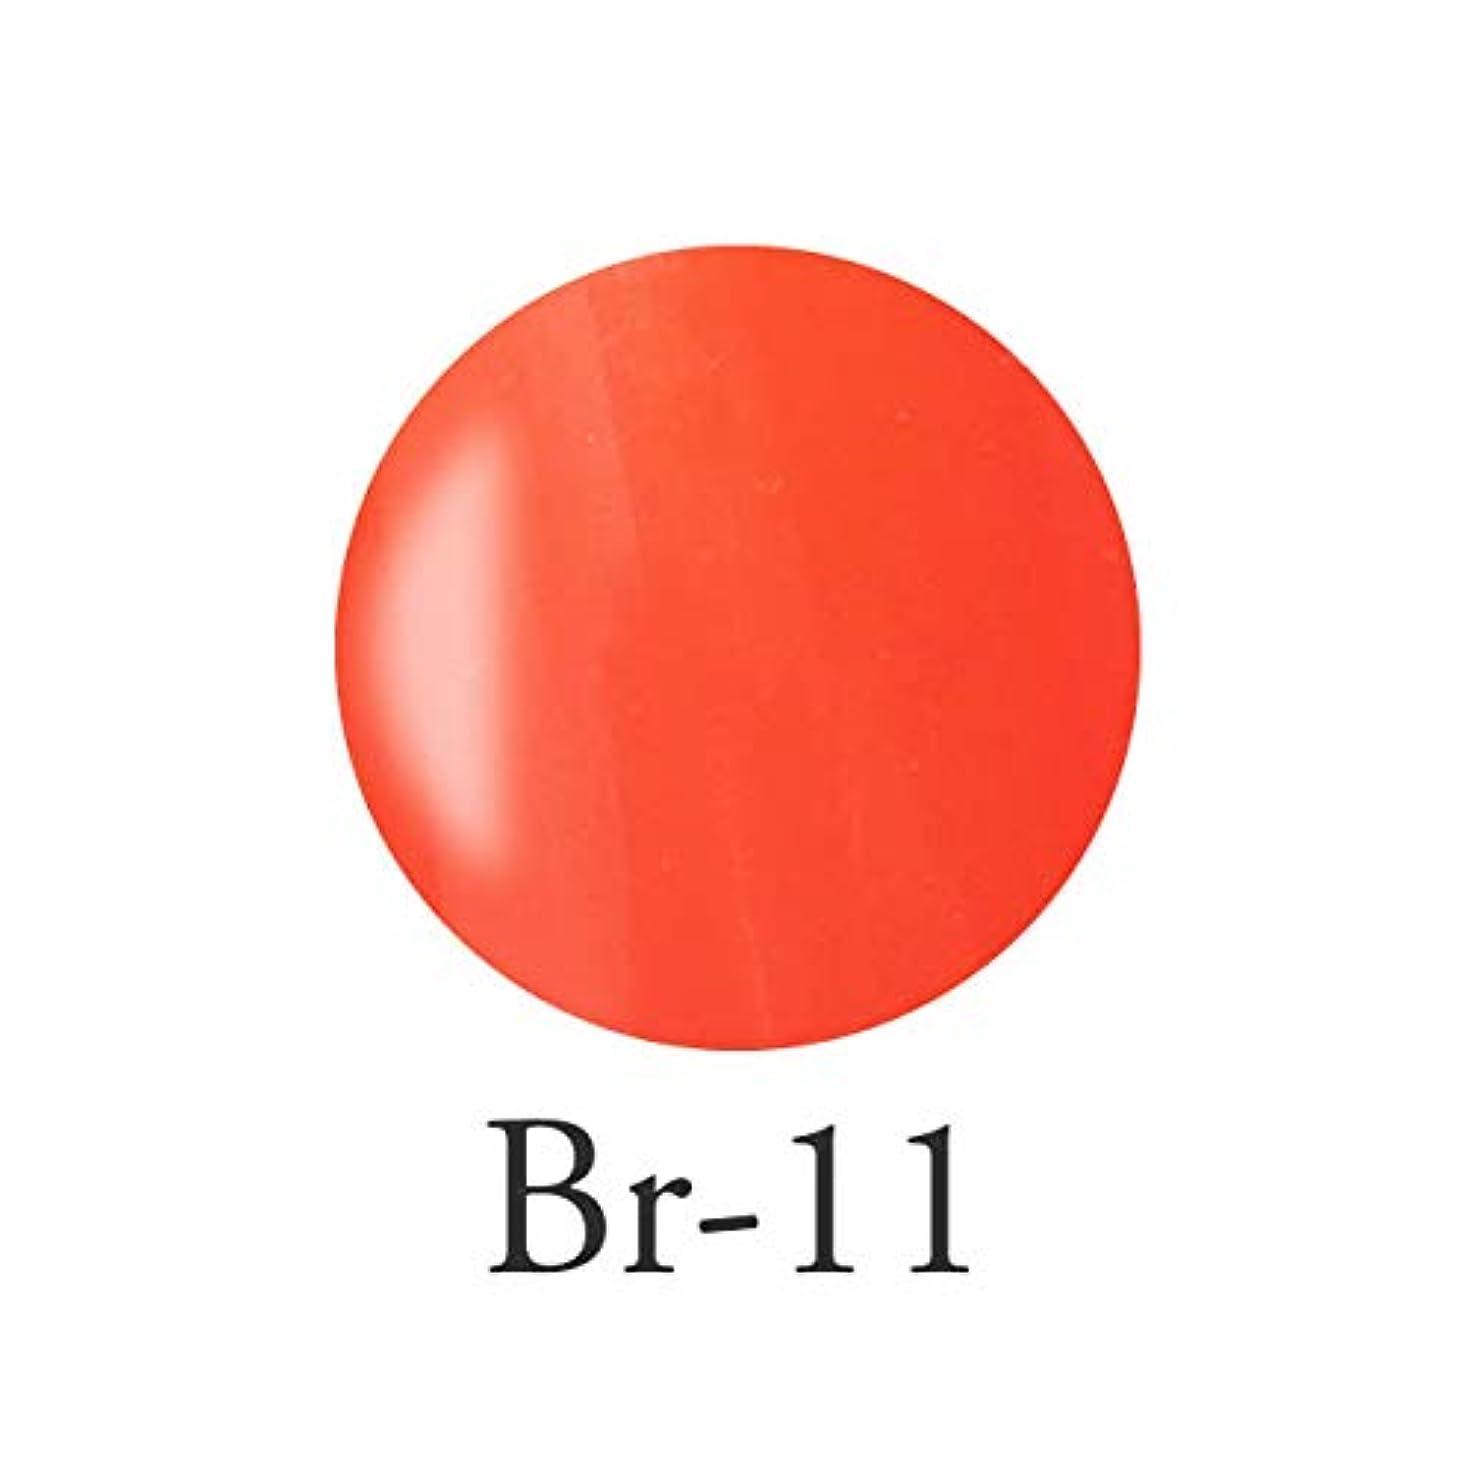 五月台風書き込みエンジェル クィーンカラージェル コロンブオレンジ Br-11 3g